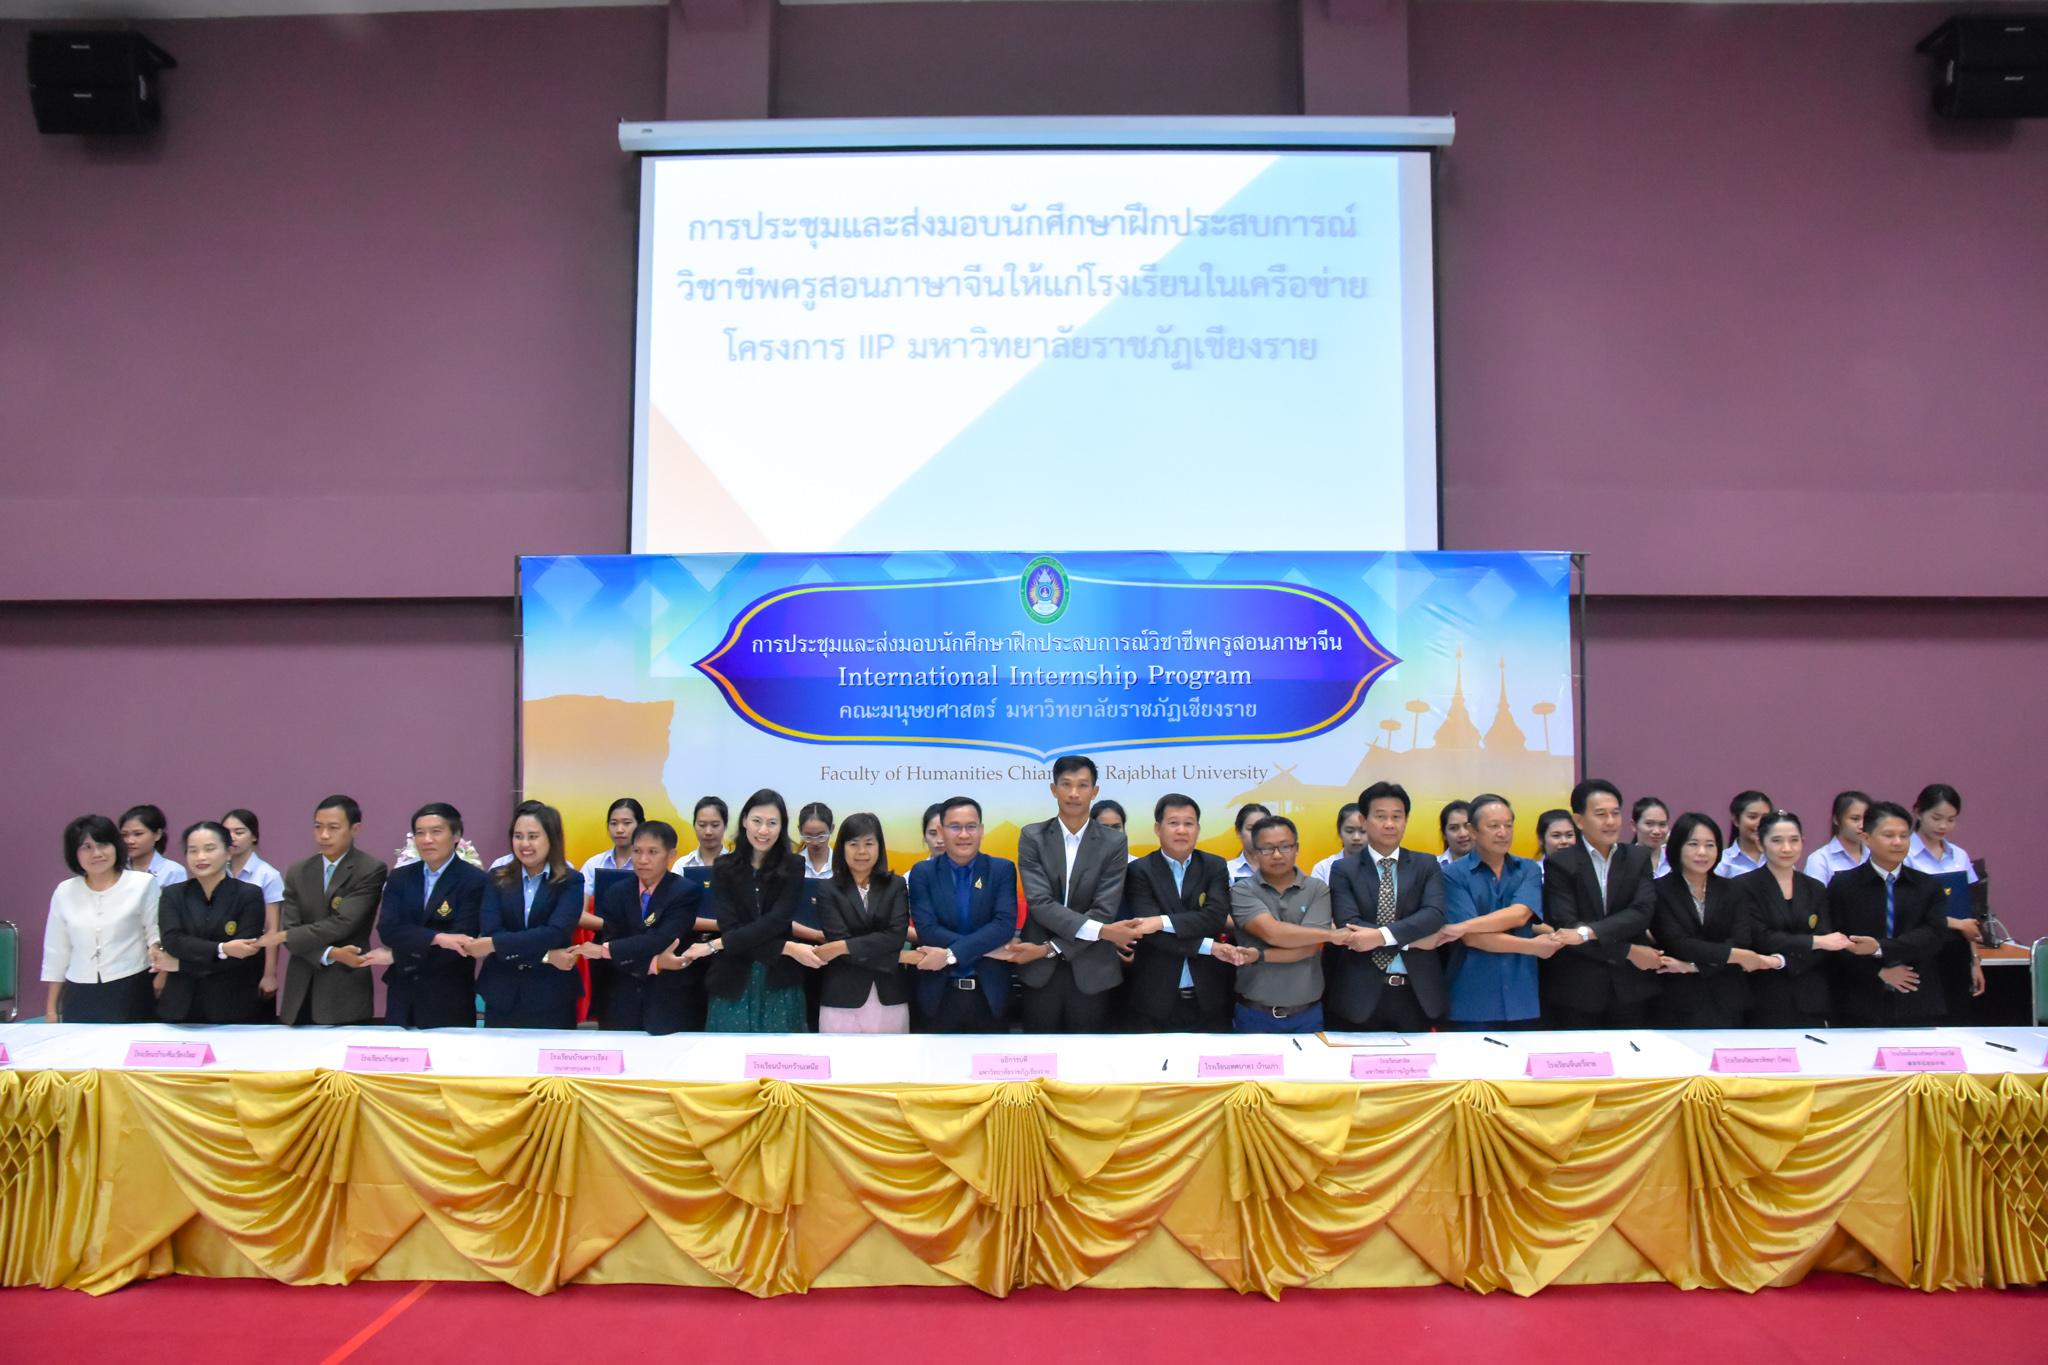 โครงการส่องมอบนักศึกษา IIP